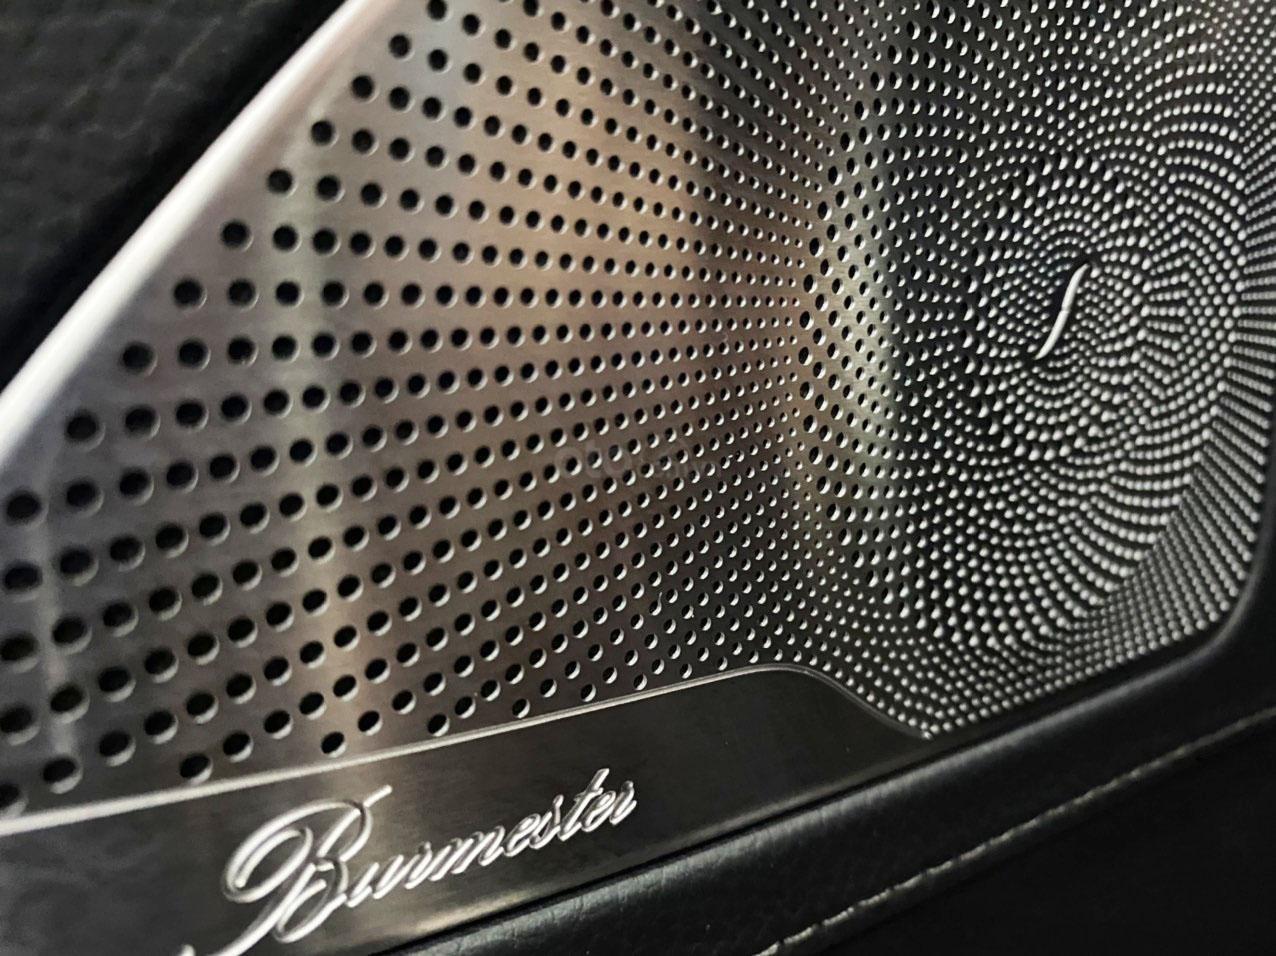 Mercedes S450L Model 2019, giá hót nhất Hà Nội, hỗ trợ tài chính 70%, giao xe ngay (7)